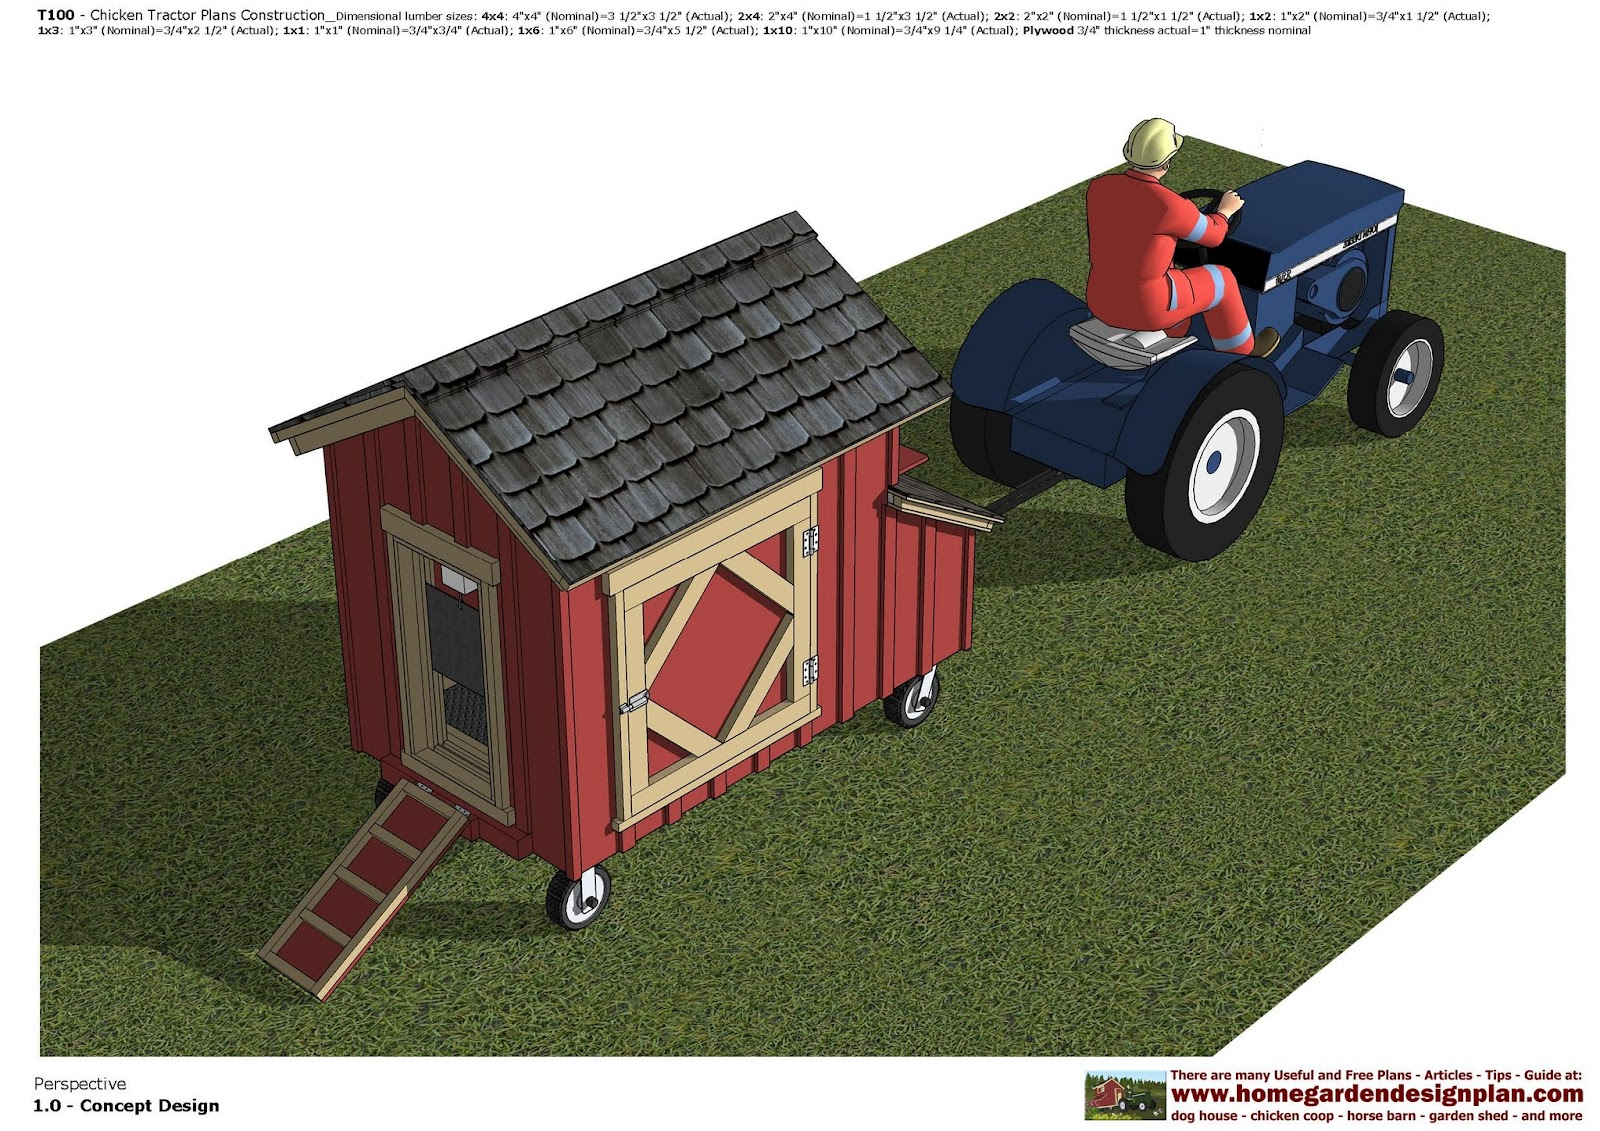 Chicken Tractor Designs : Home garden plans t chicken tractor